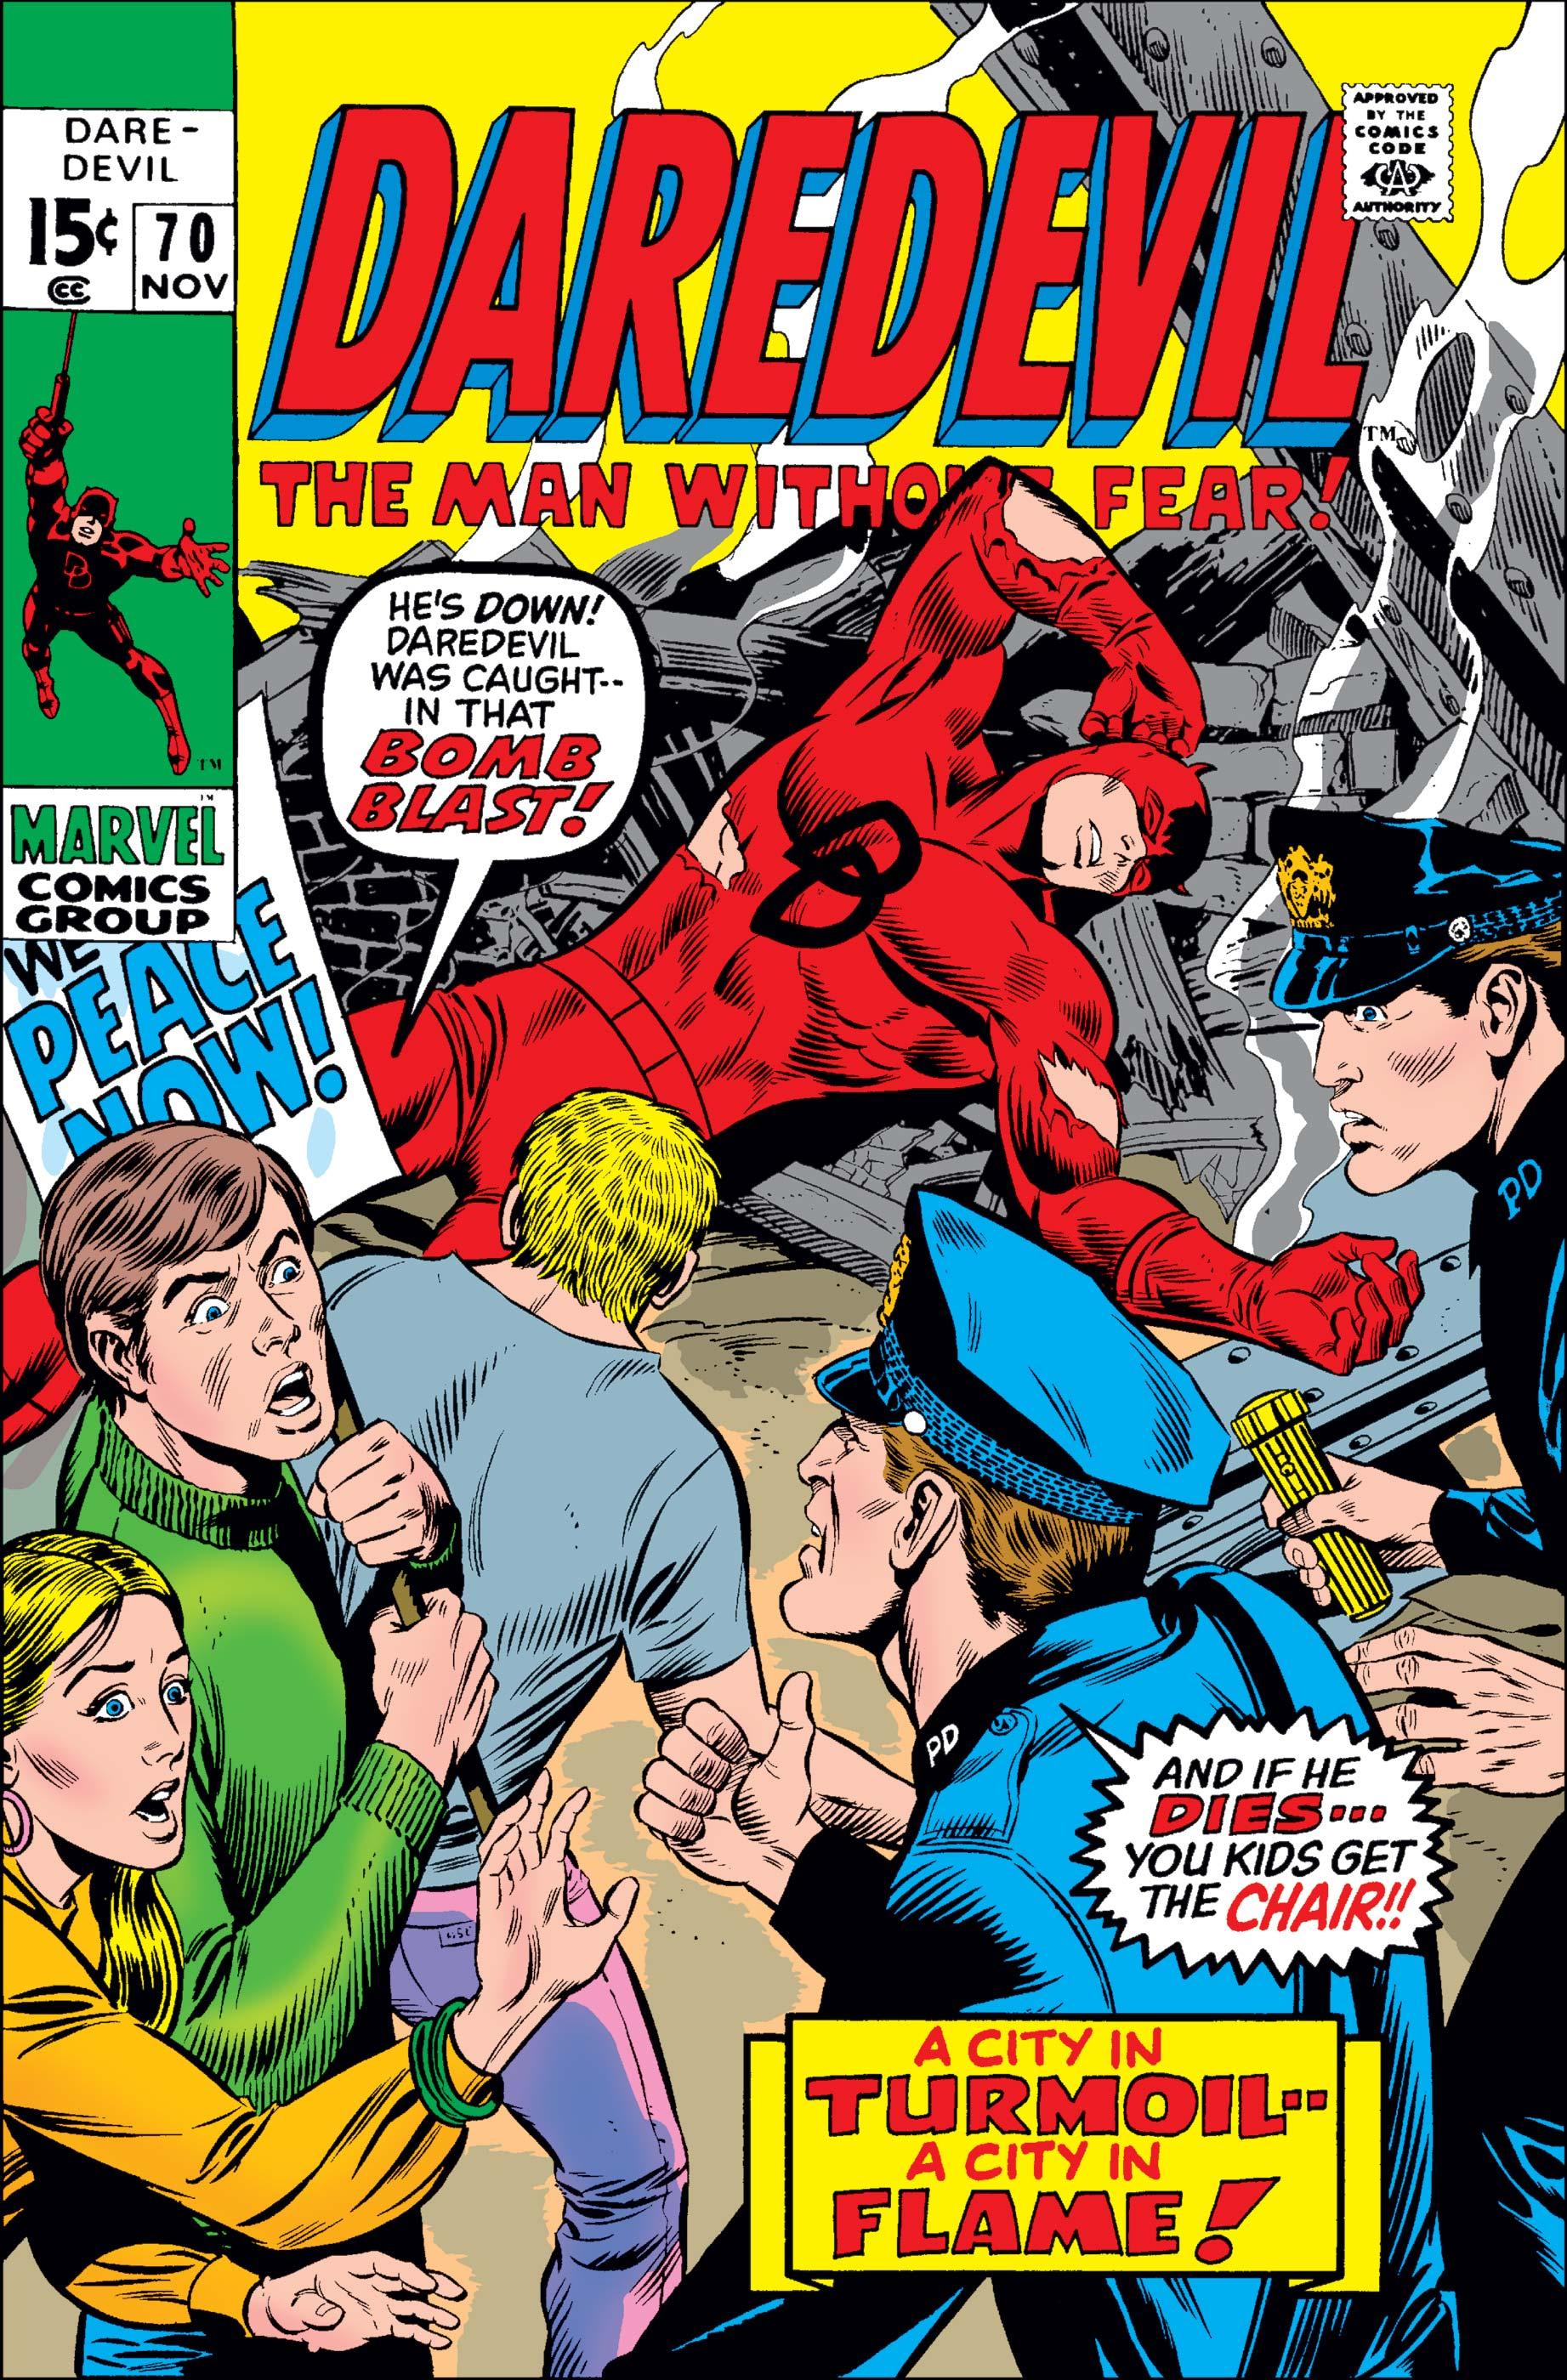 Daredevil (1964) #70